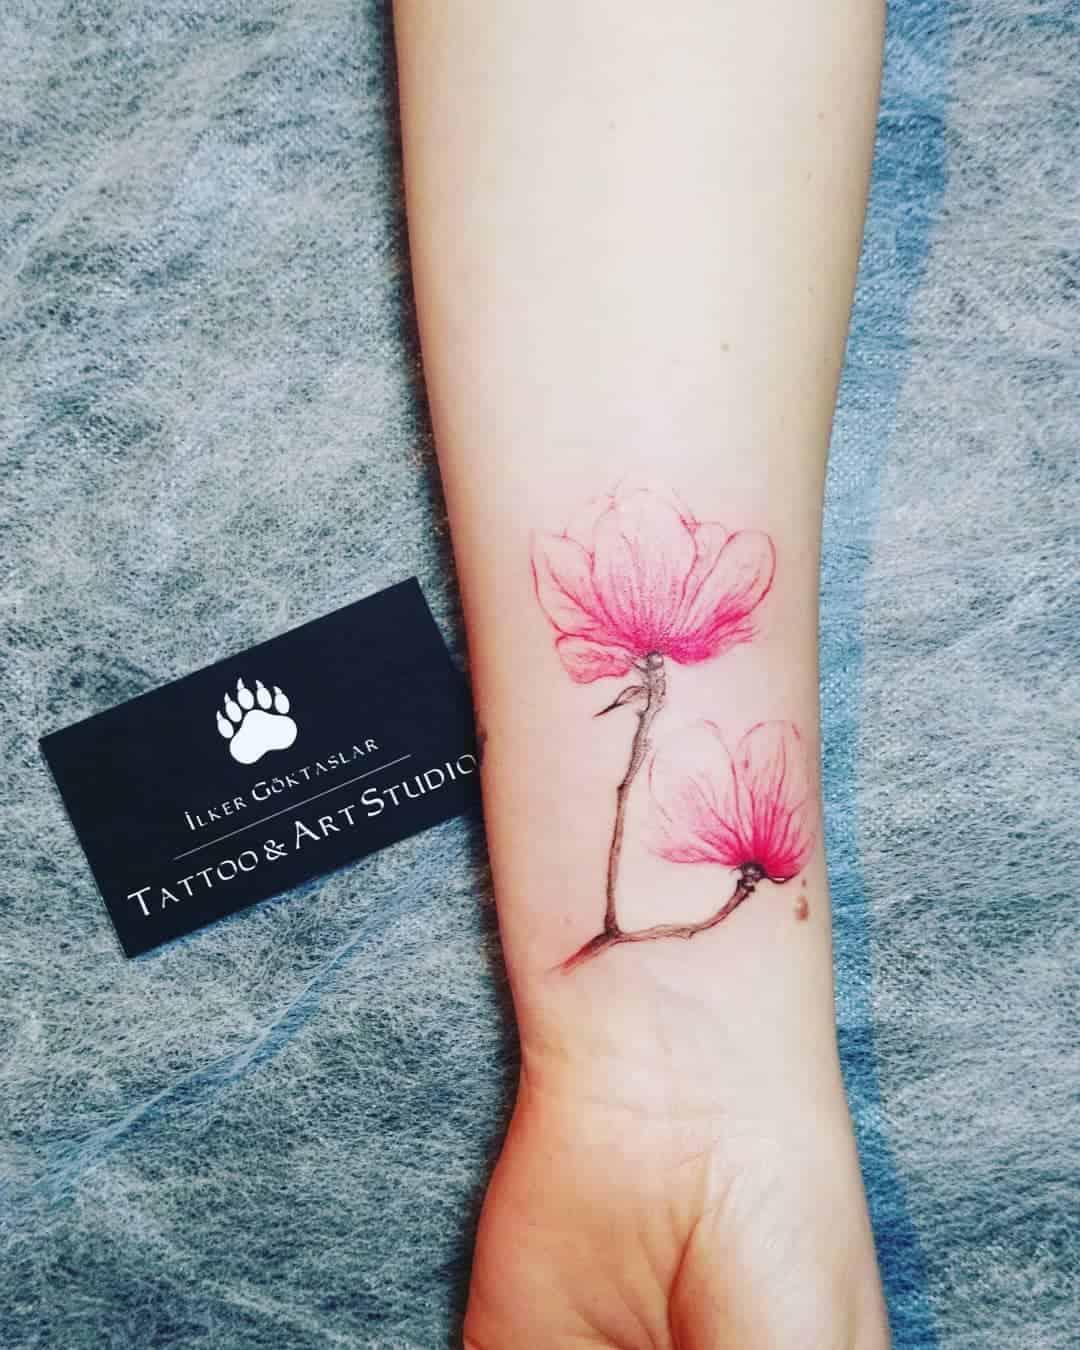 Tatuaggi Fiori Bianchi.Tatuaggi Al Polso Sono Sempre Cosi Piccoli Tatuaggipiercing It